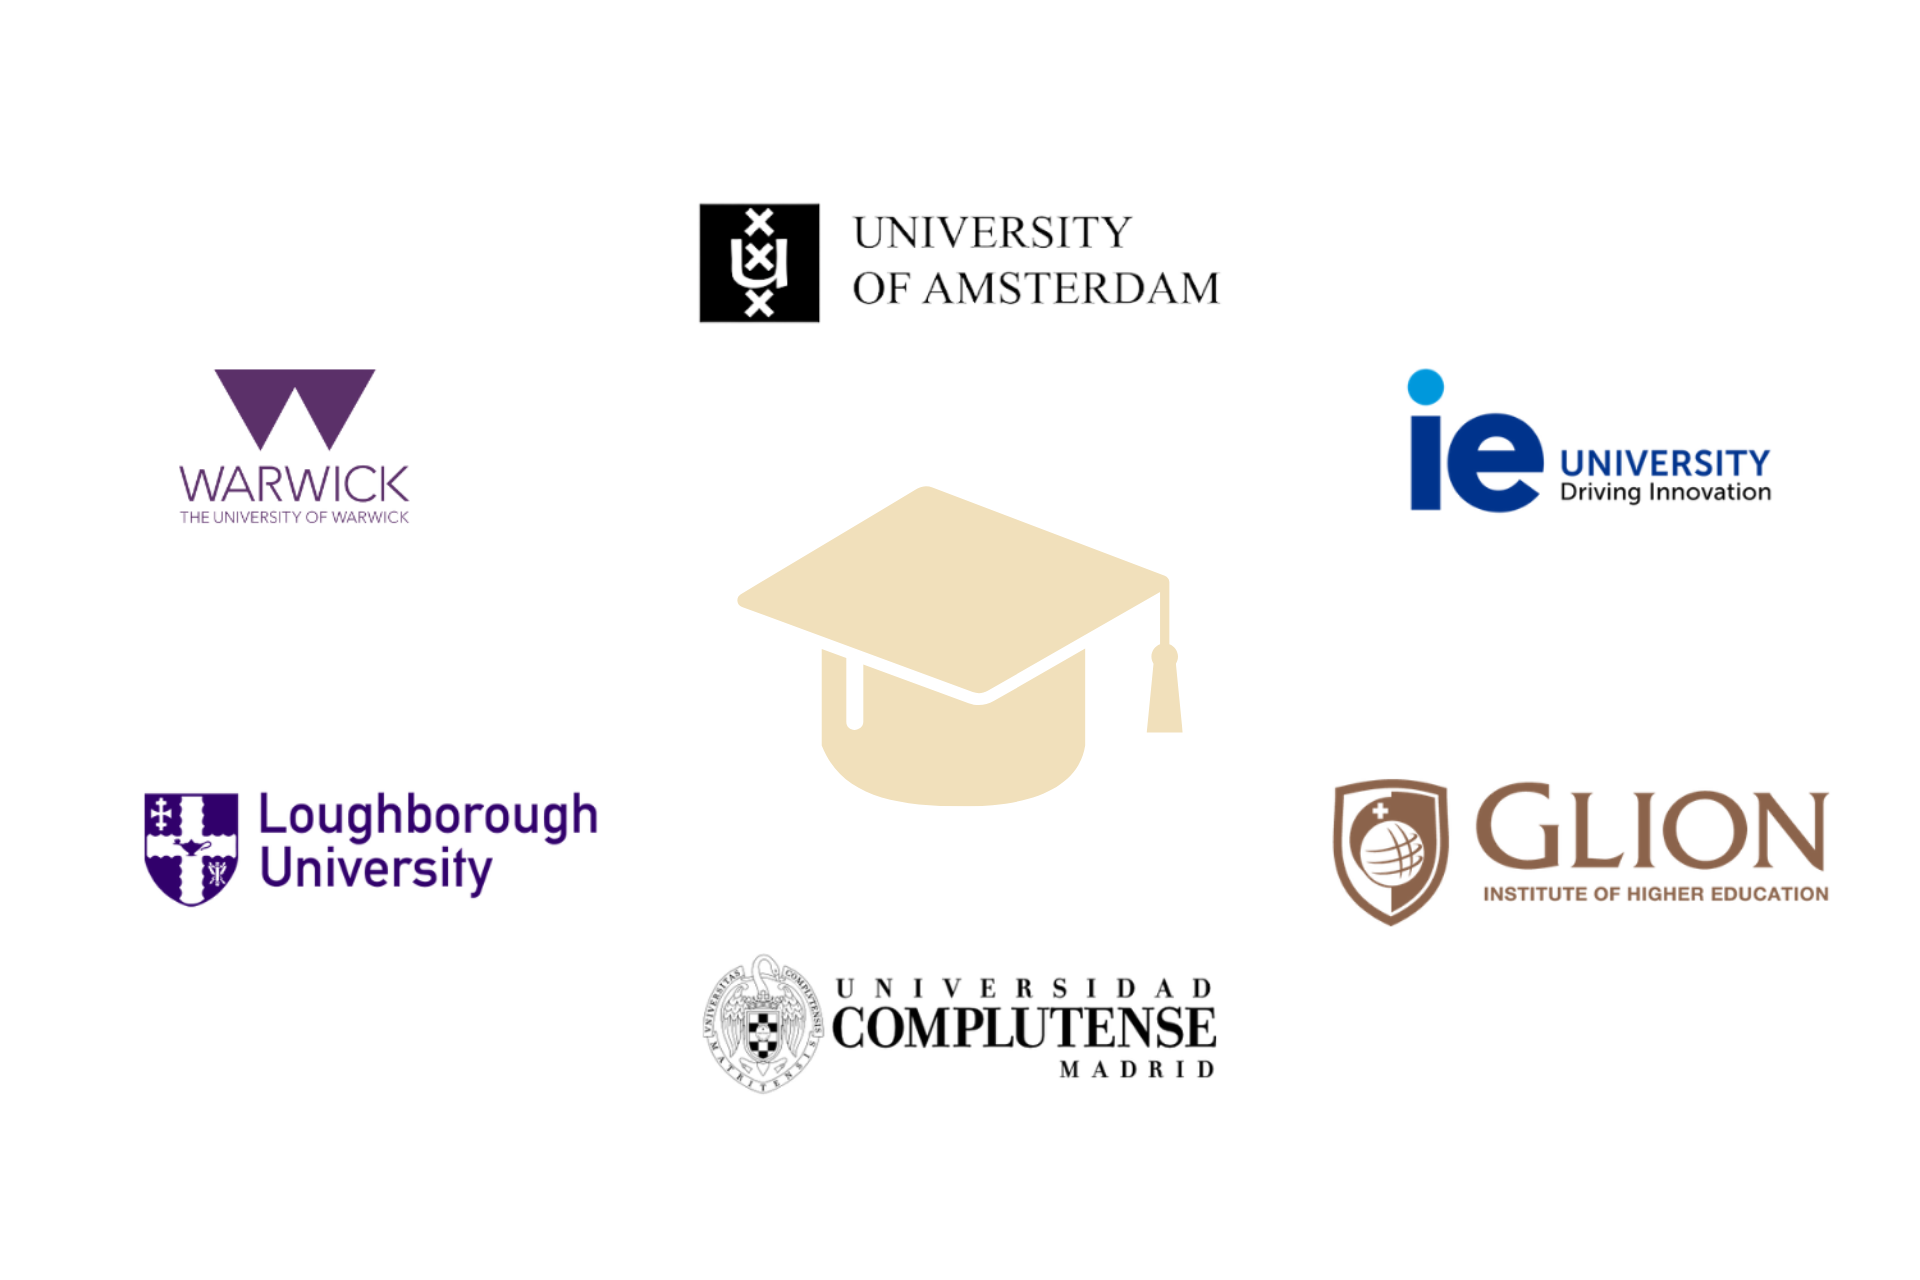 colegio británico en Madrid - logos universidades